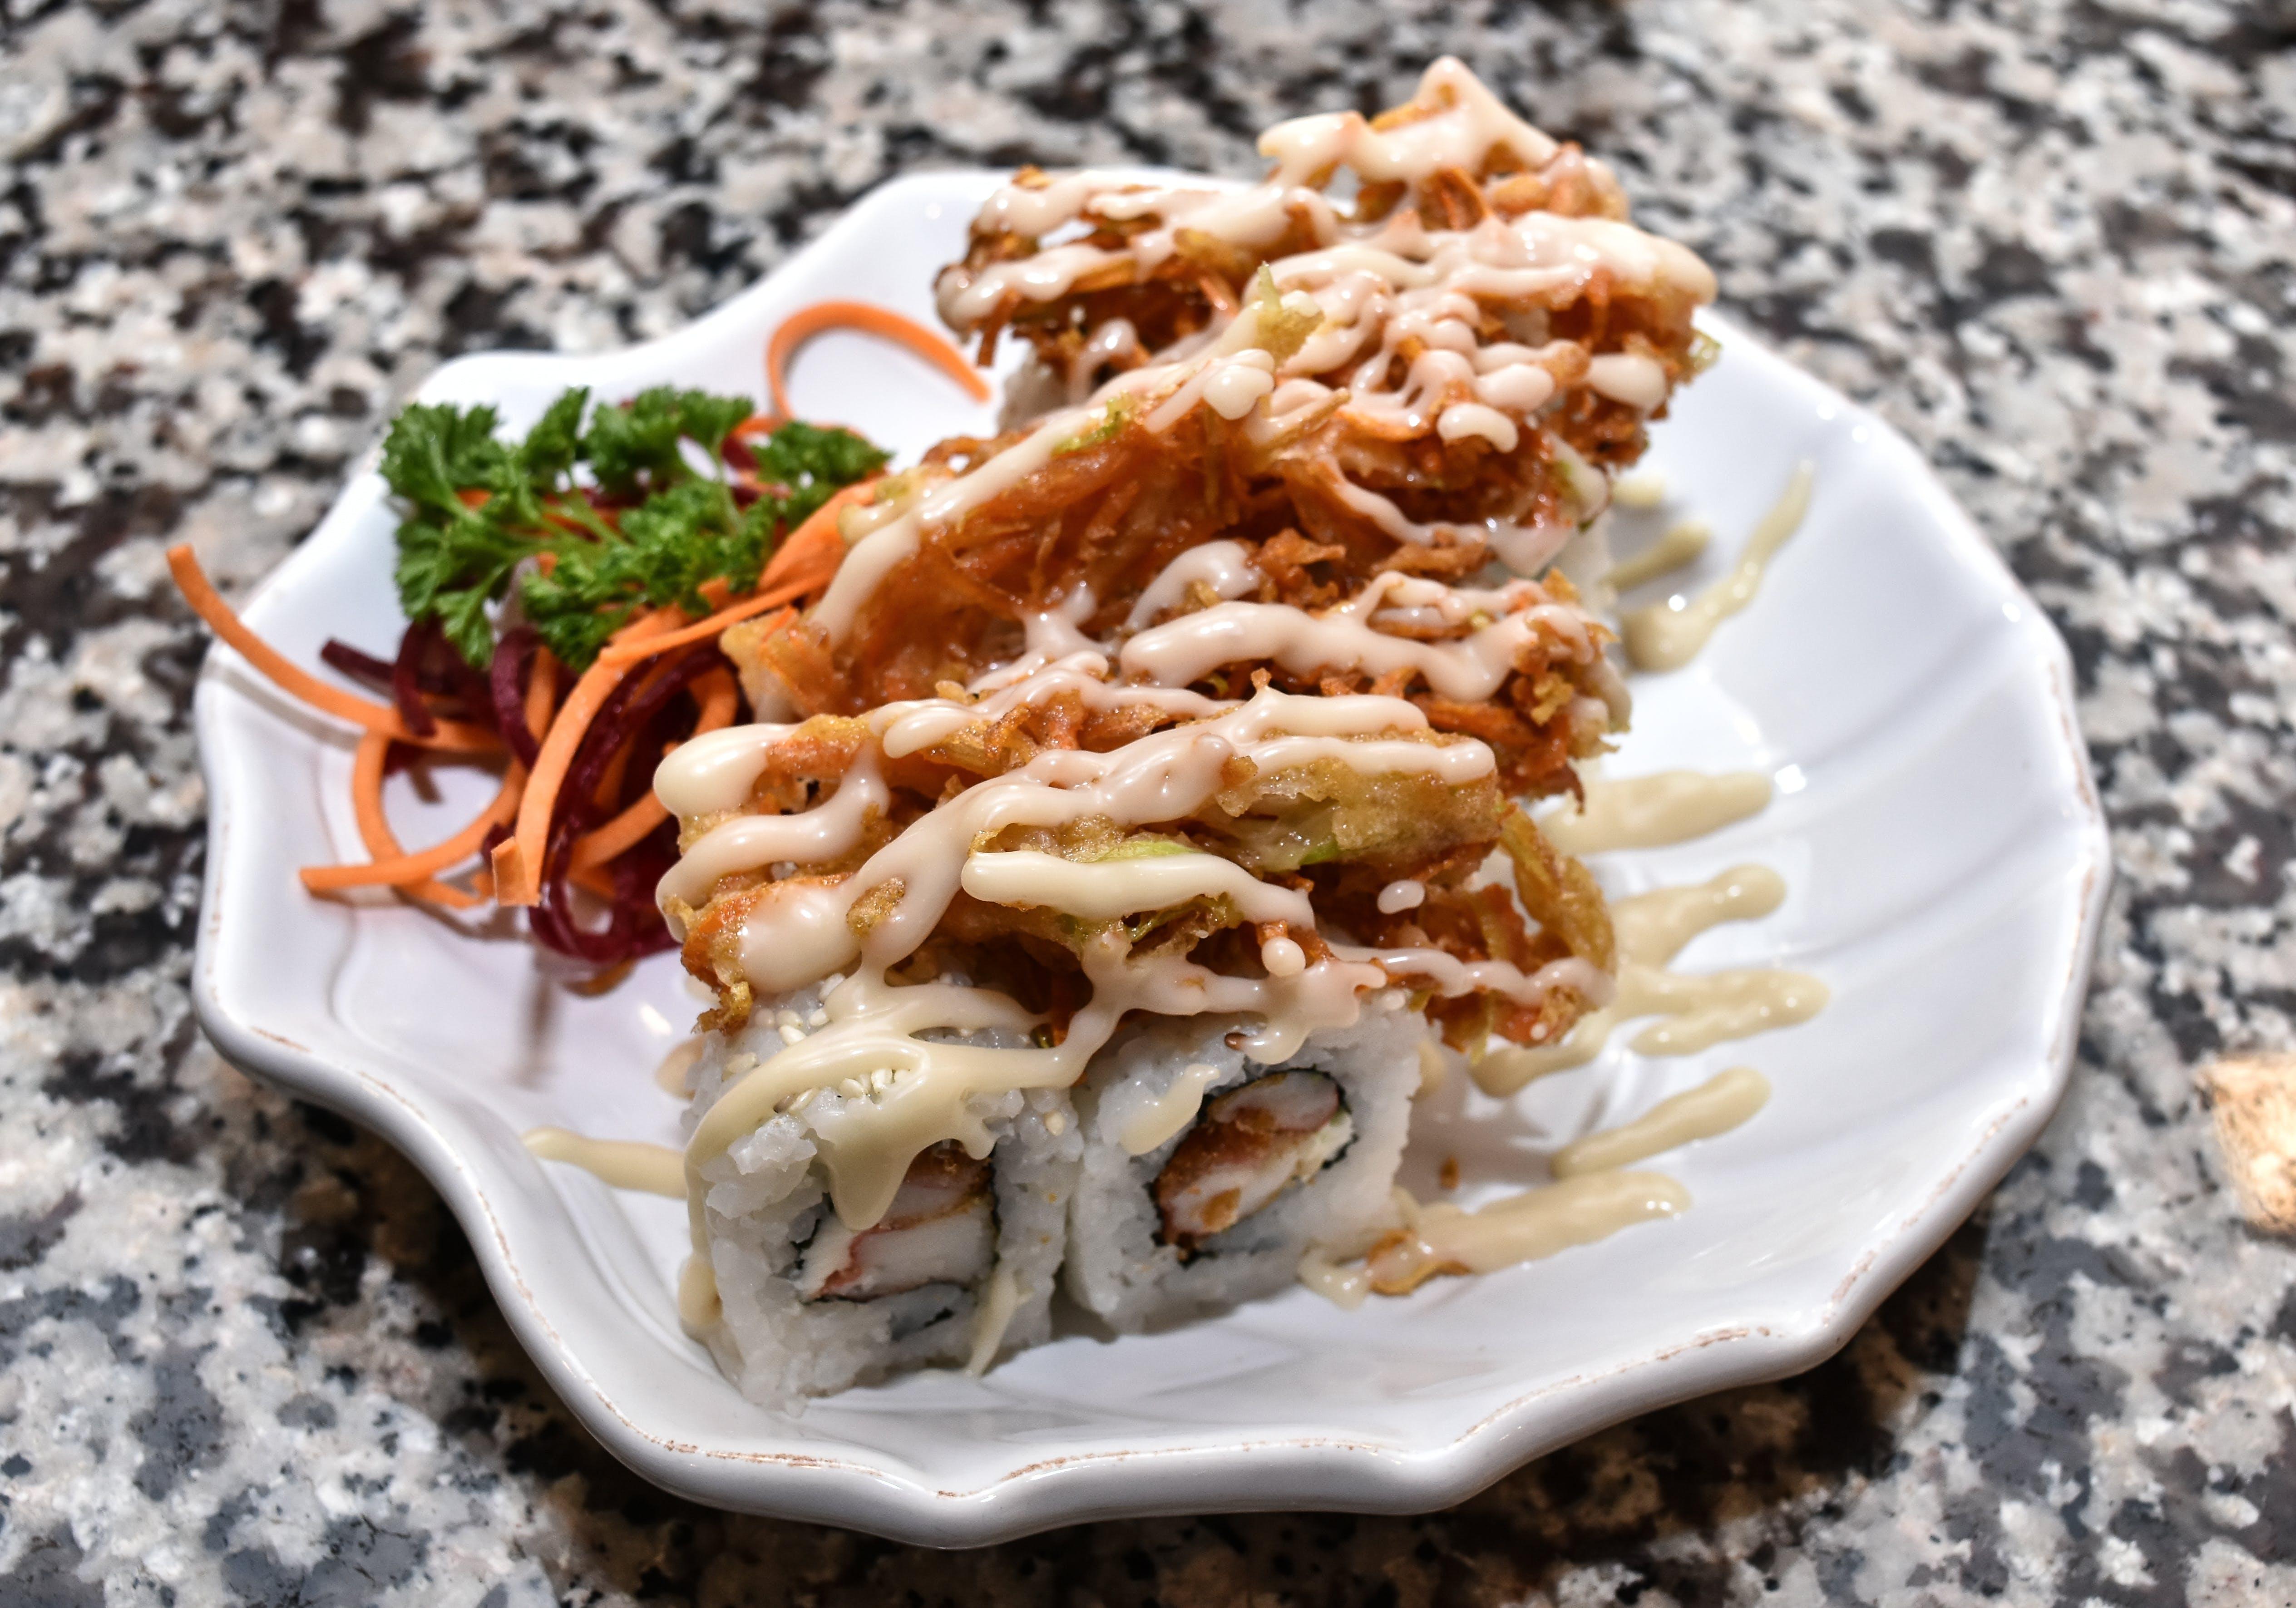 Free stock photo of japanese food, sushi